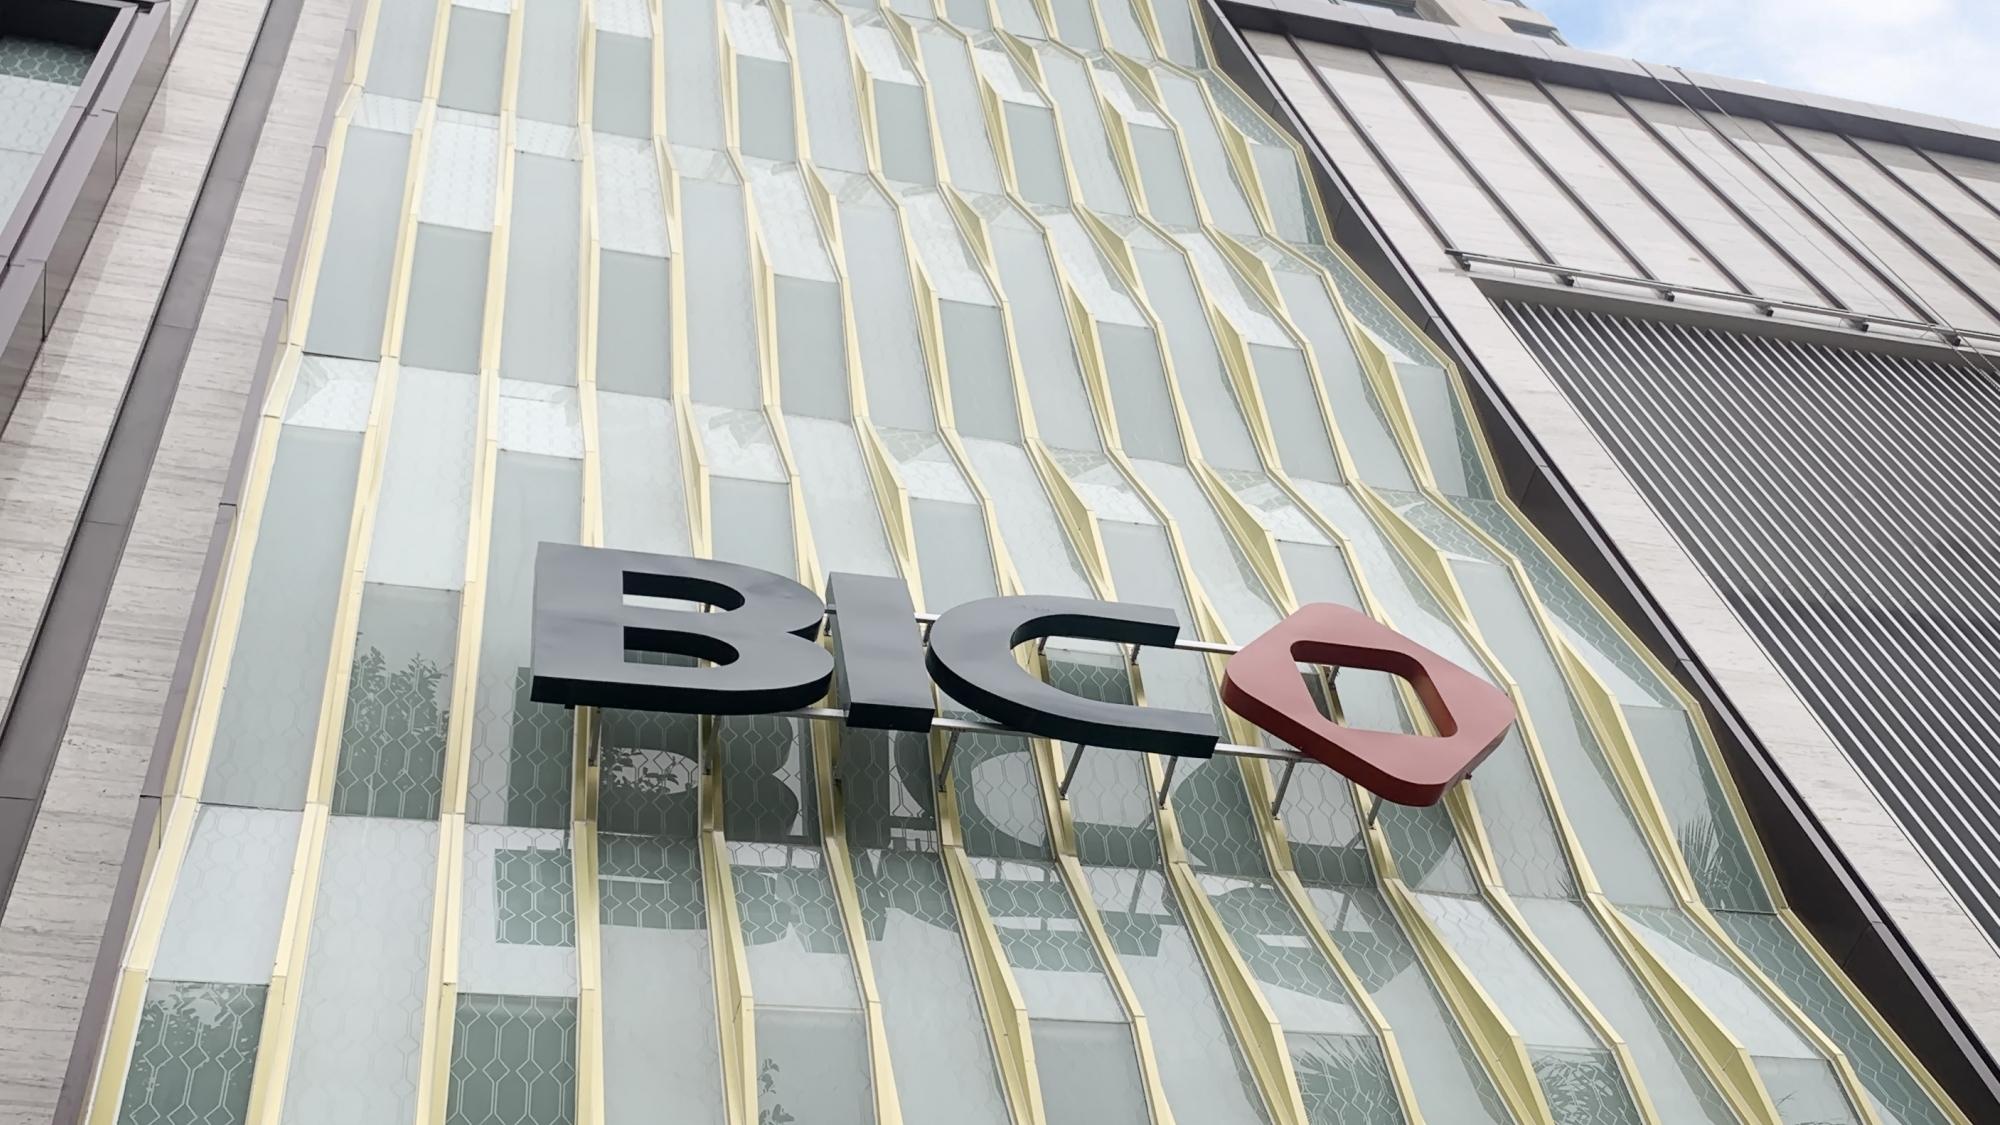 BIC tiếp tục được tổ chức hàng đầu thế giới A.M. Best xếp hạng năng lực tài chính B++